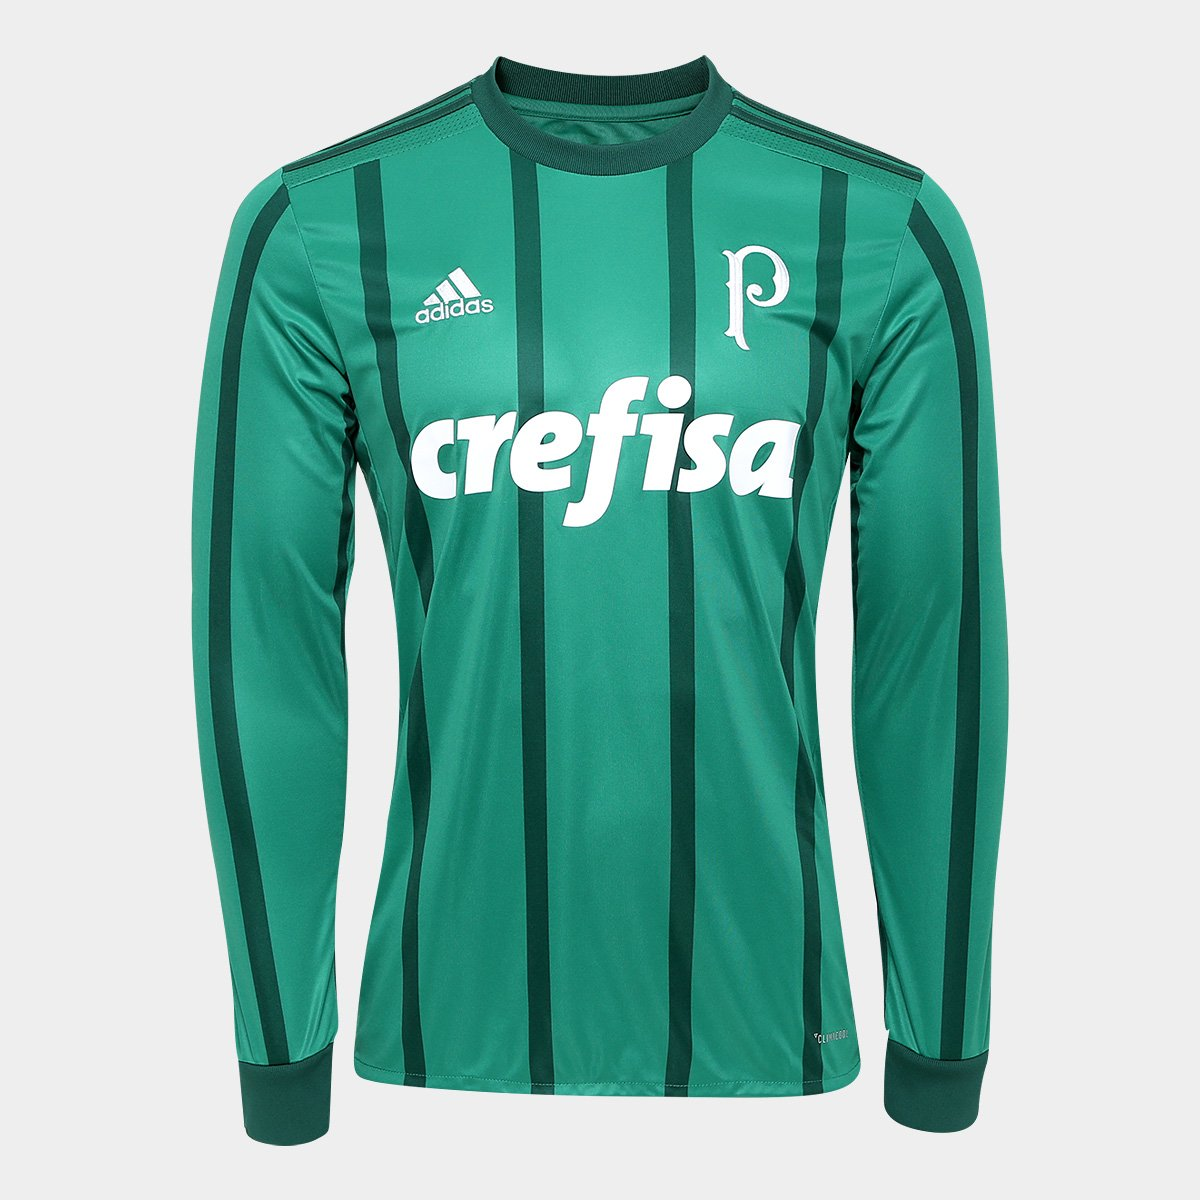 ac52713860 Camisa Palmeiras I 17/18 Manga Longa s/nº - Torcedor Adidas Masculina |  Allianz Parque Shop